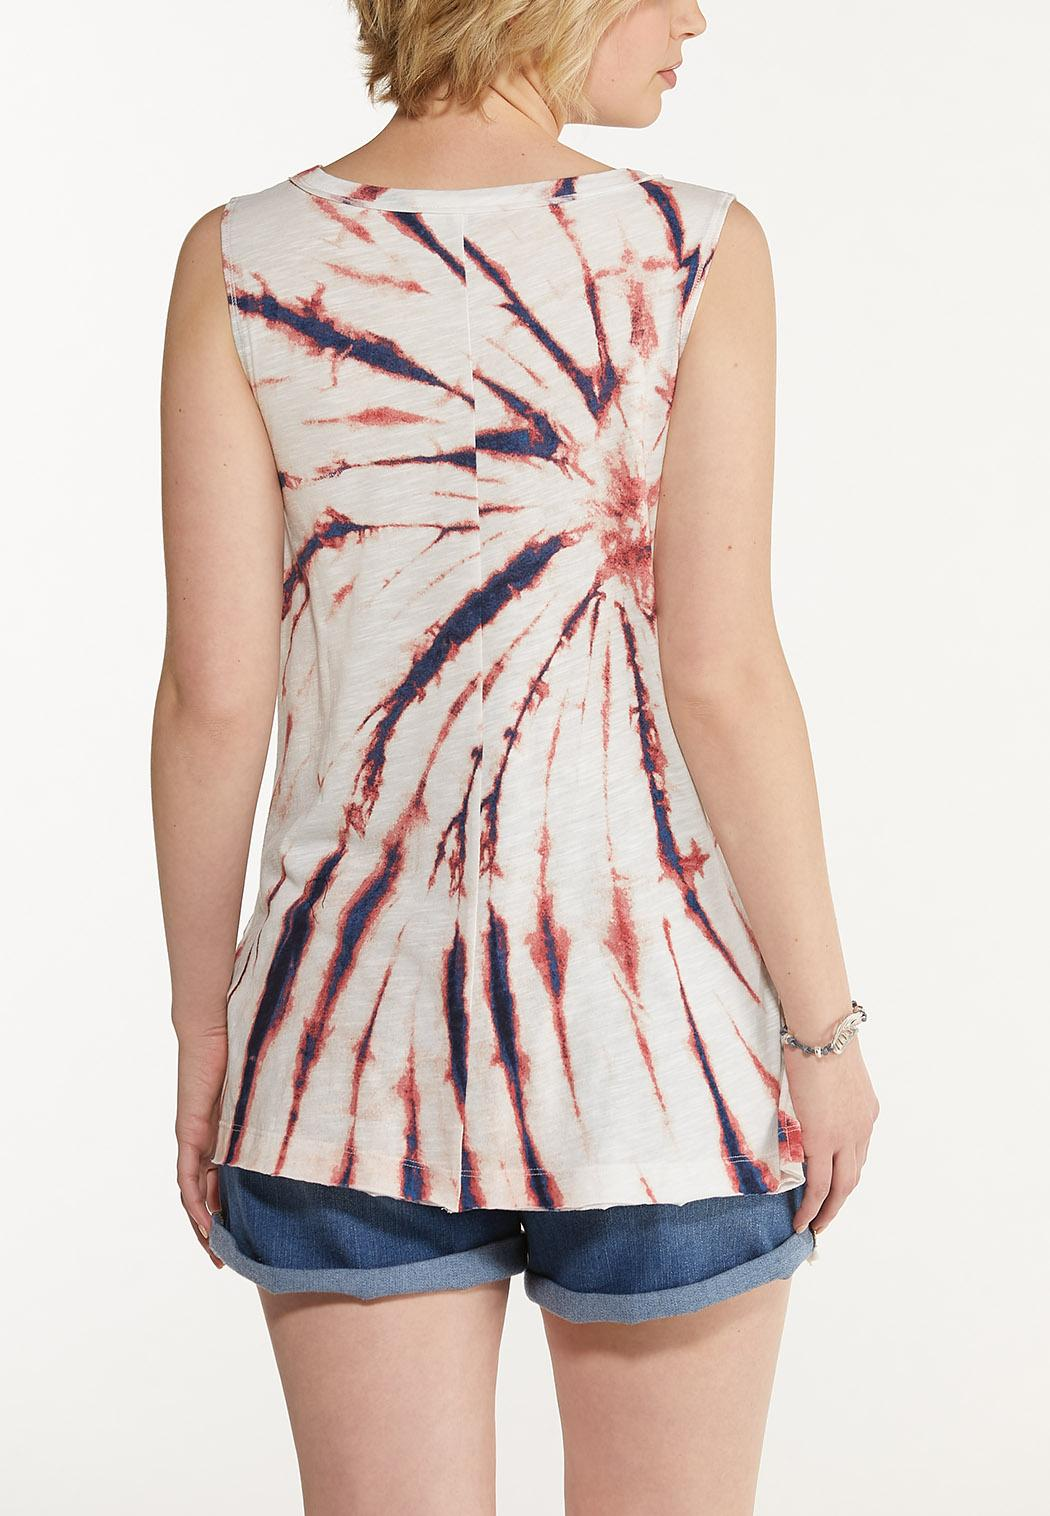 Plus Size Tie Dye Tank Top (Item #44599180)